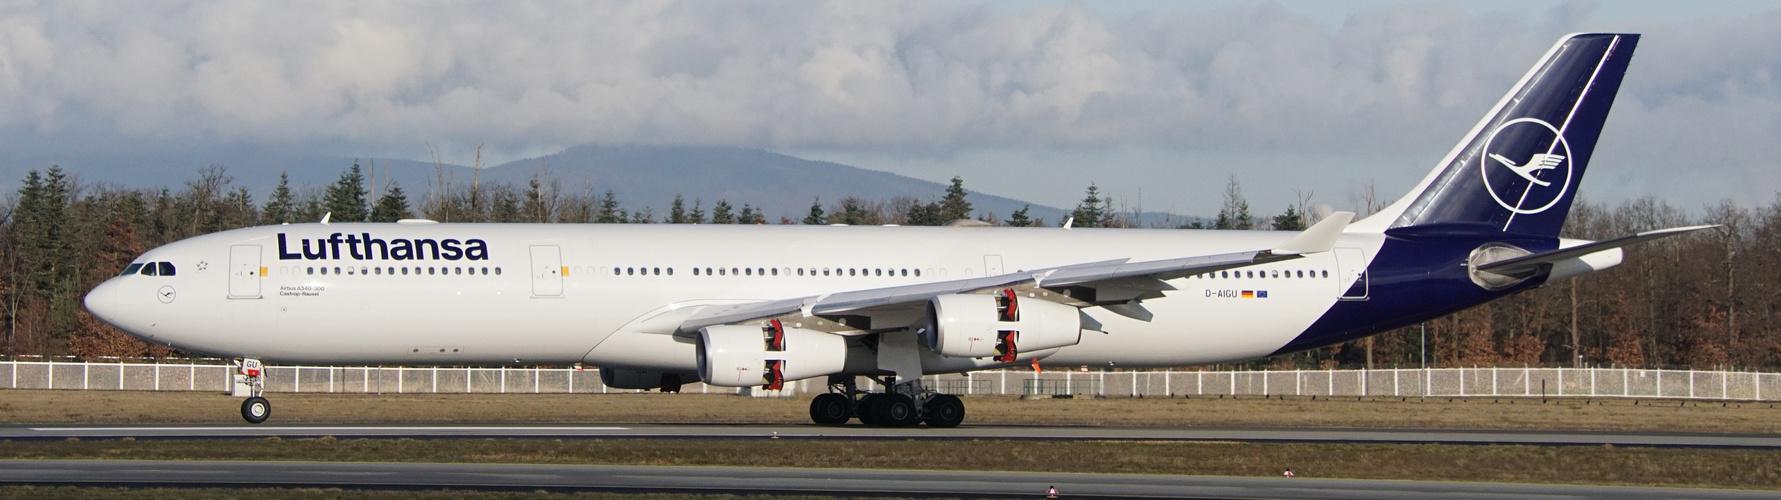 Lang, Länger, A340